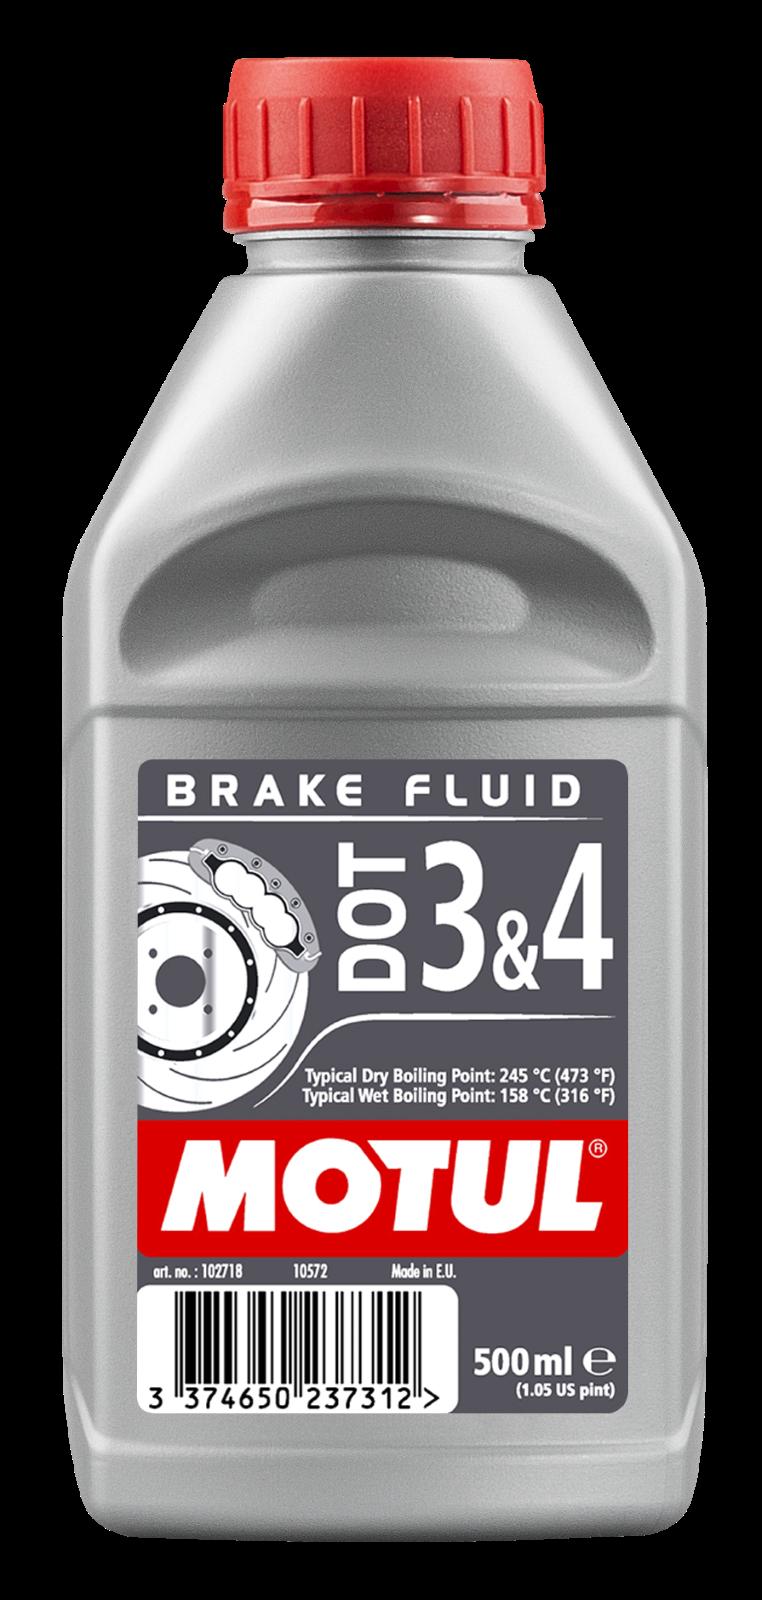 MOTUL AG MOTUL DOT 3 & DOT 4 Brake Fluid 0,5L